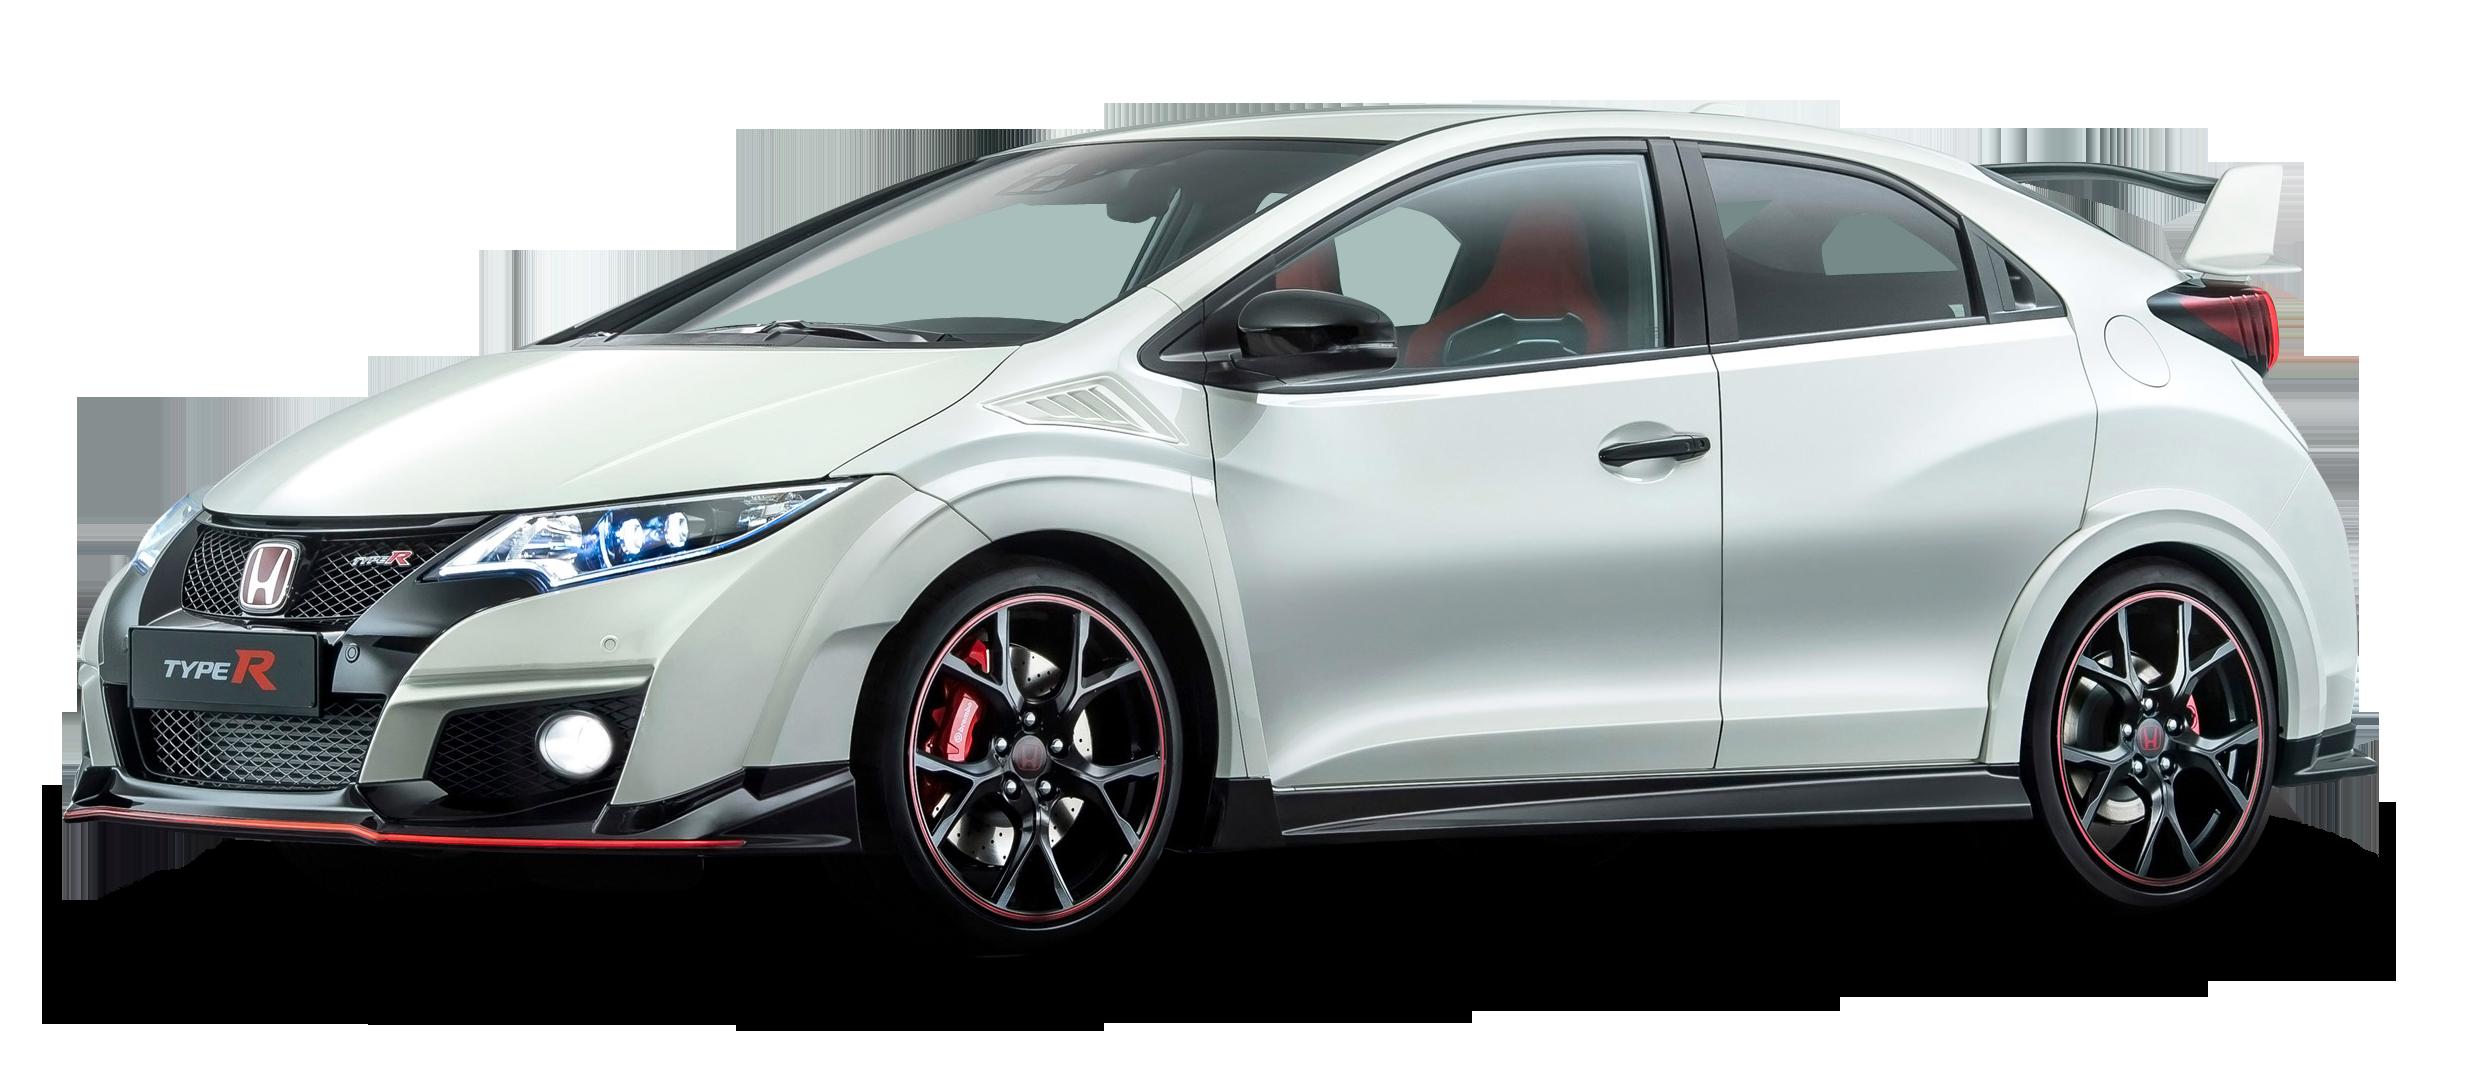 White Honda Civic Car Png Image Honda Civic Honda Civic Car Civic Car